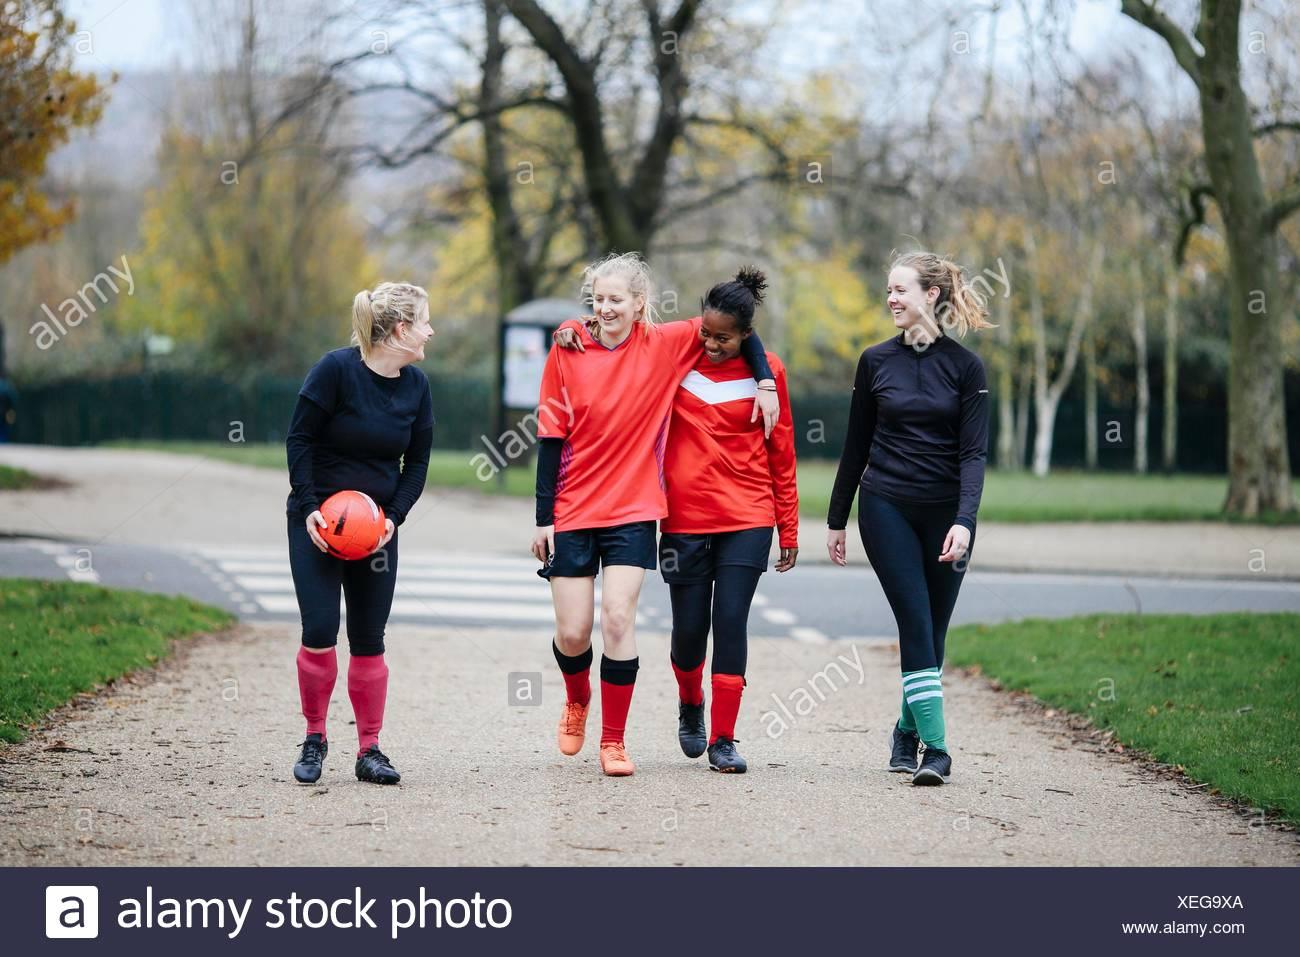 Les joueurs de soccer féminin en route pour jouer au football dans le parc Photo Stock